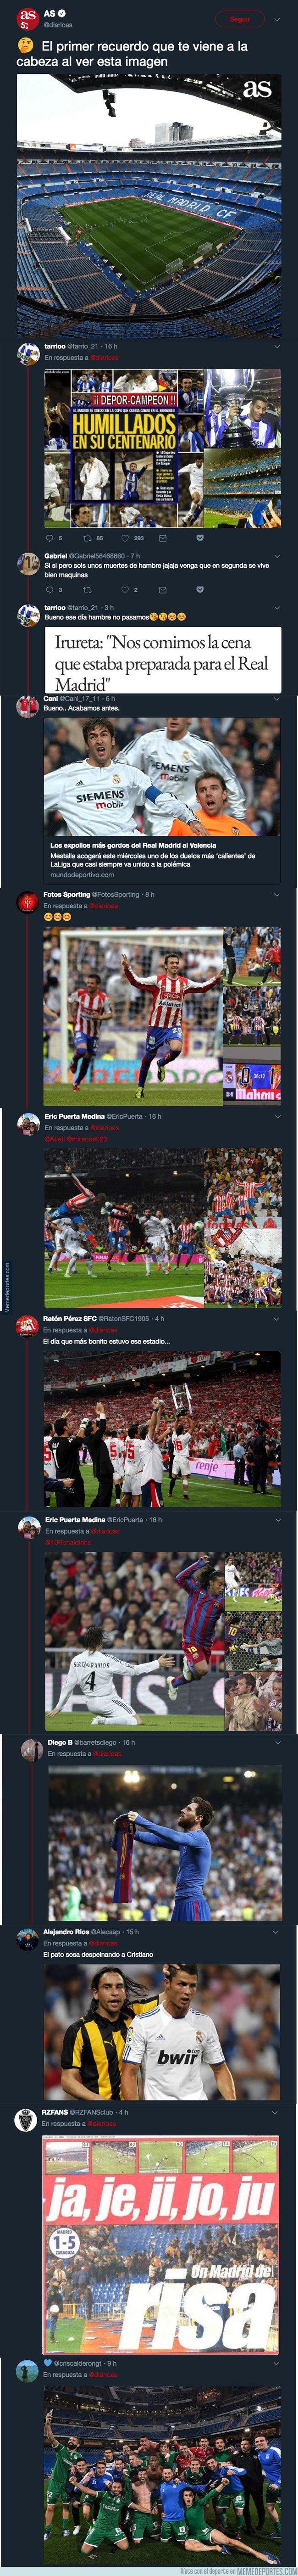 1048424 - El diario AS pregunta sobre lo primero que se te venga a la cabeza al ver el Bernabéu y todos los aficionados le trolean